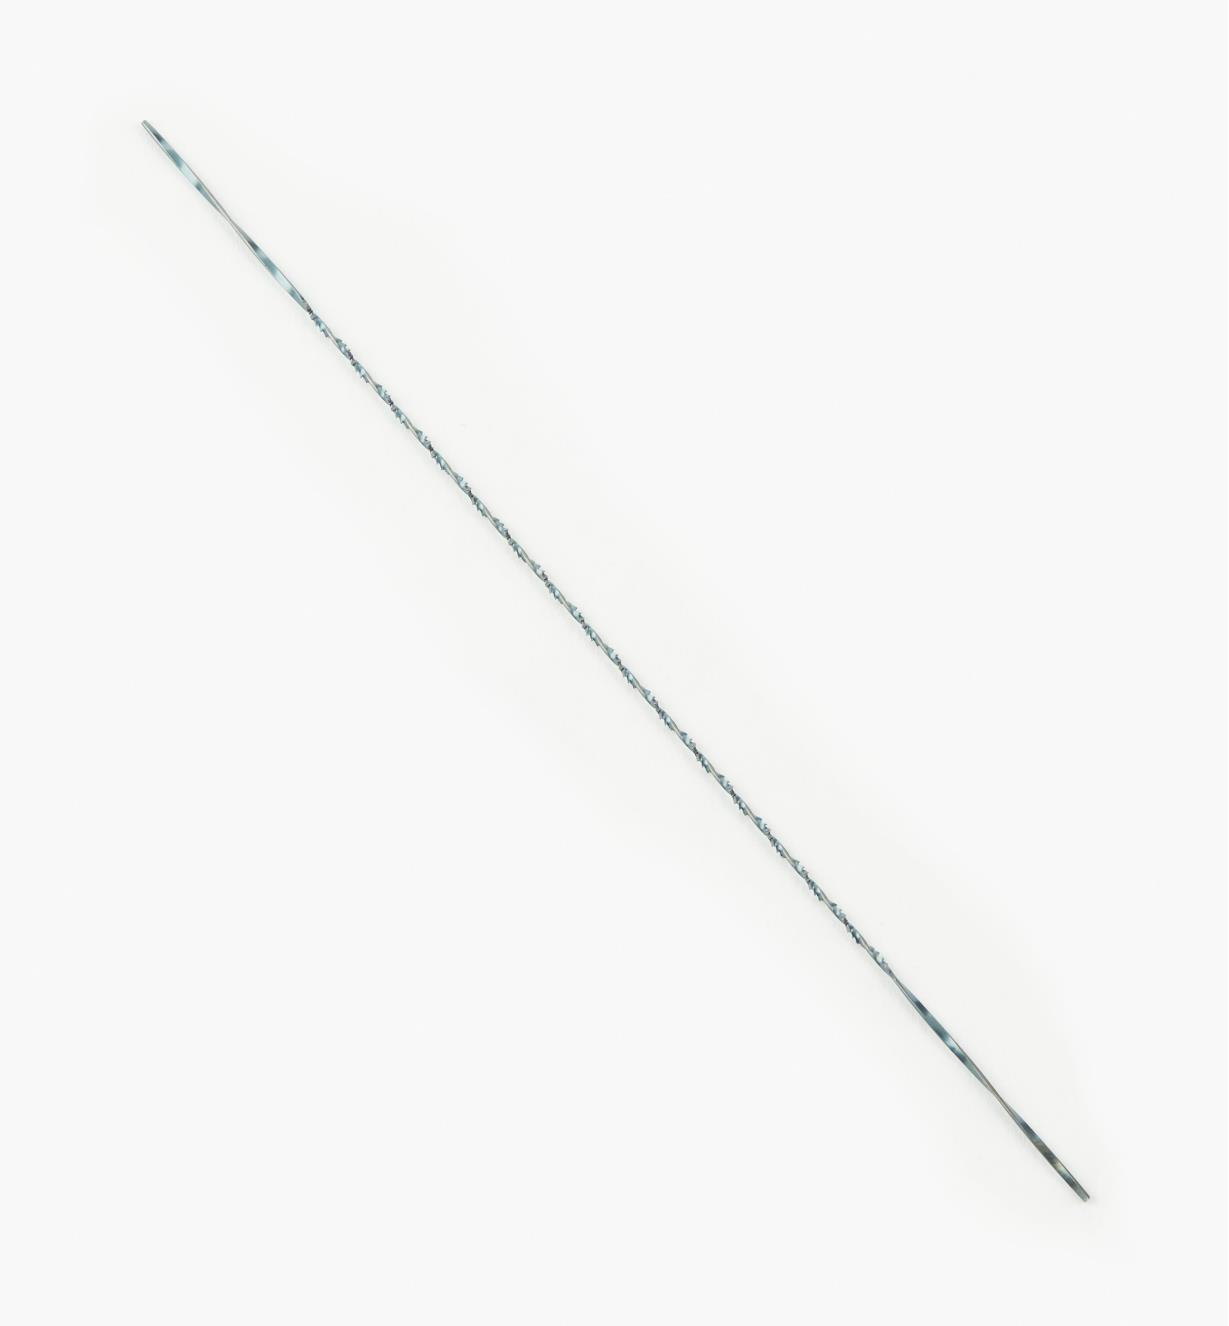 02T1611 - #1 Spiral Blades, dozen